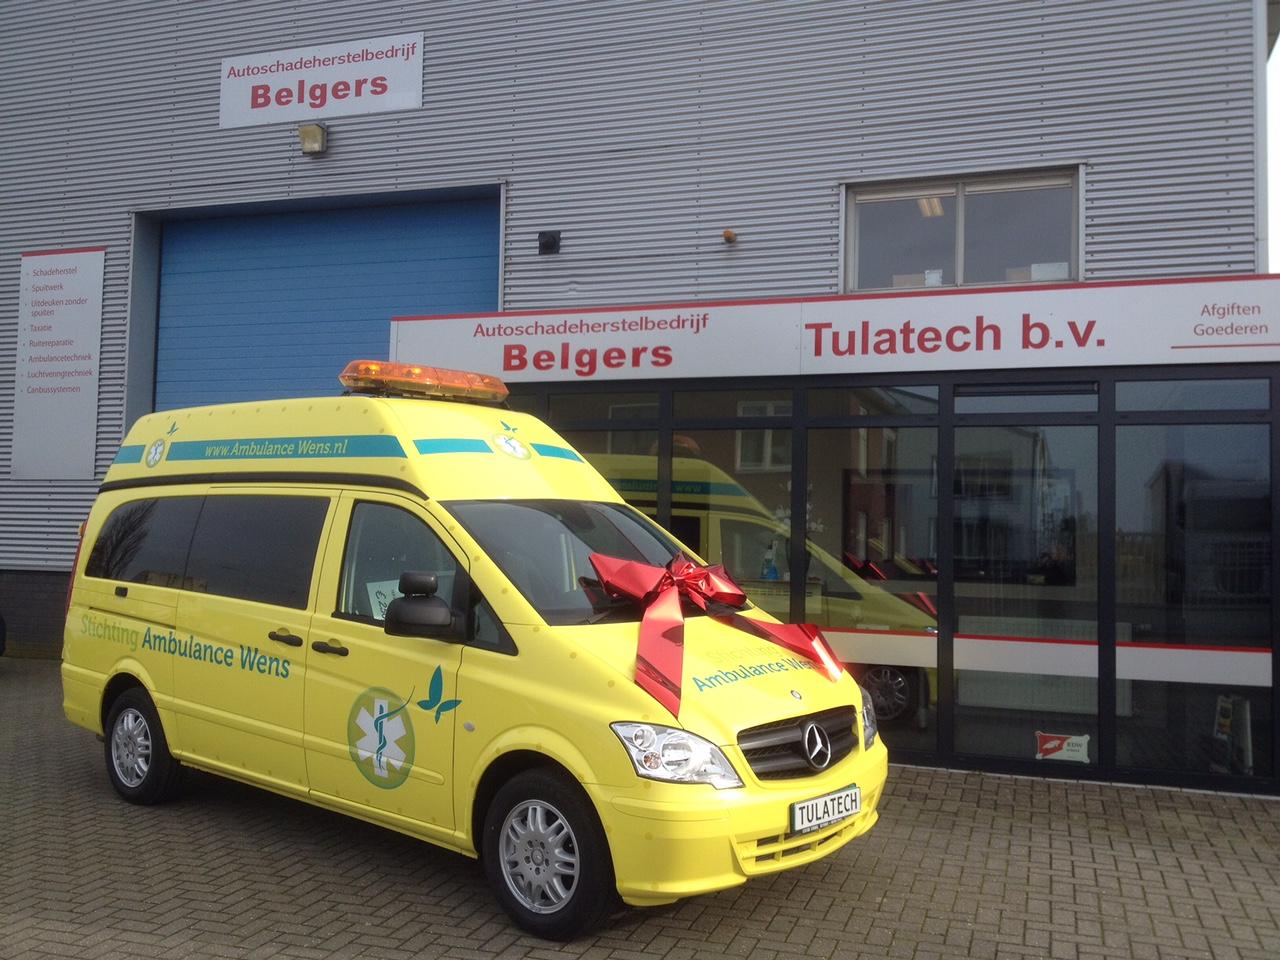 Ambulance Type Bls Voertuigen Tulatech